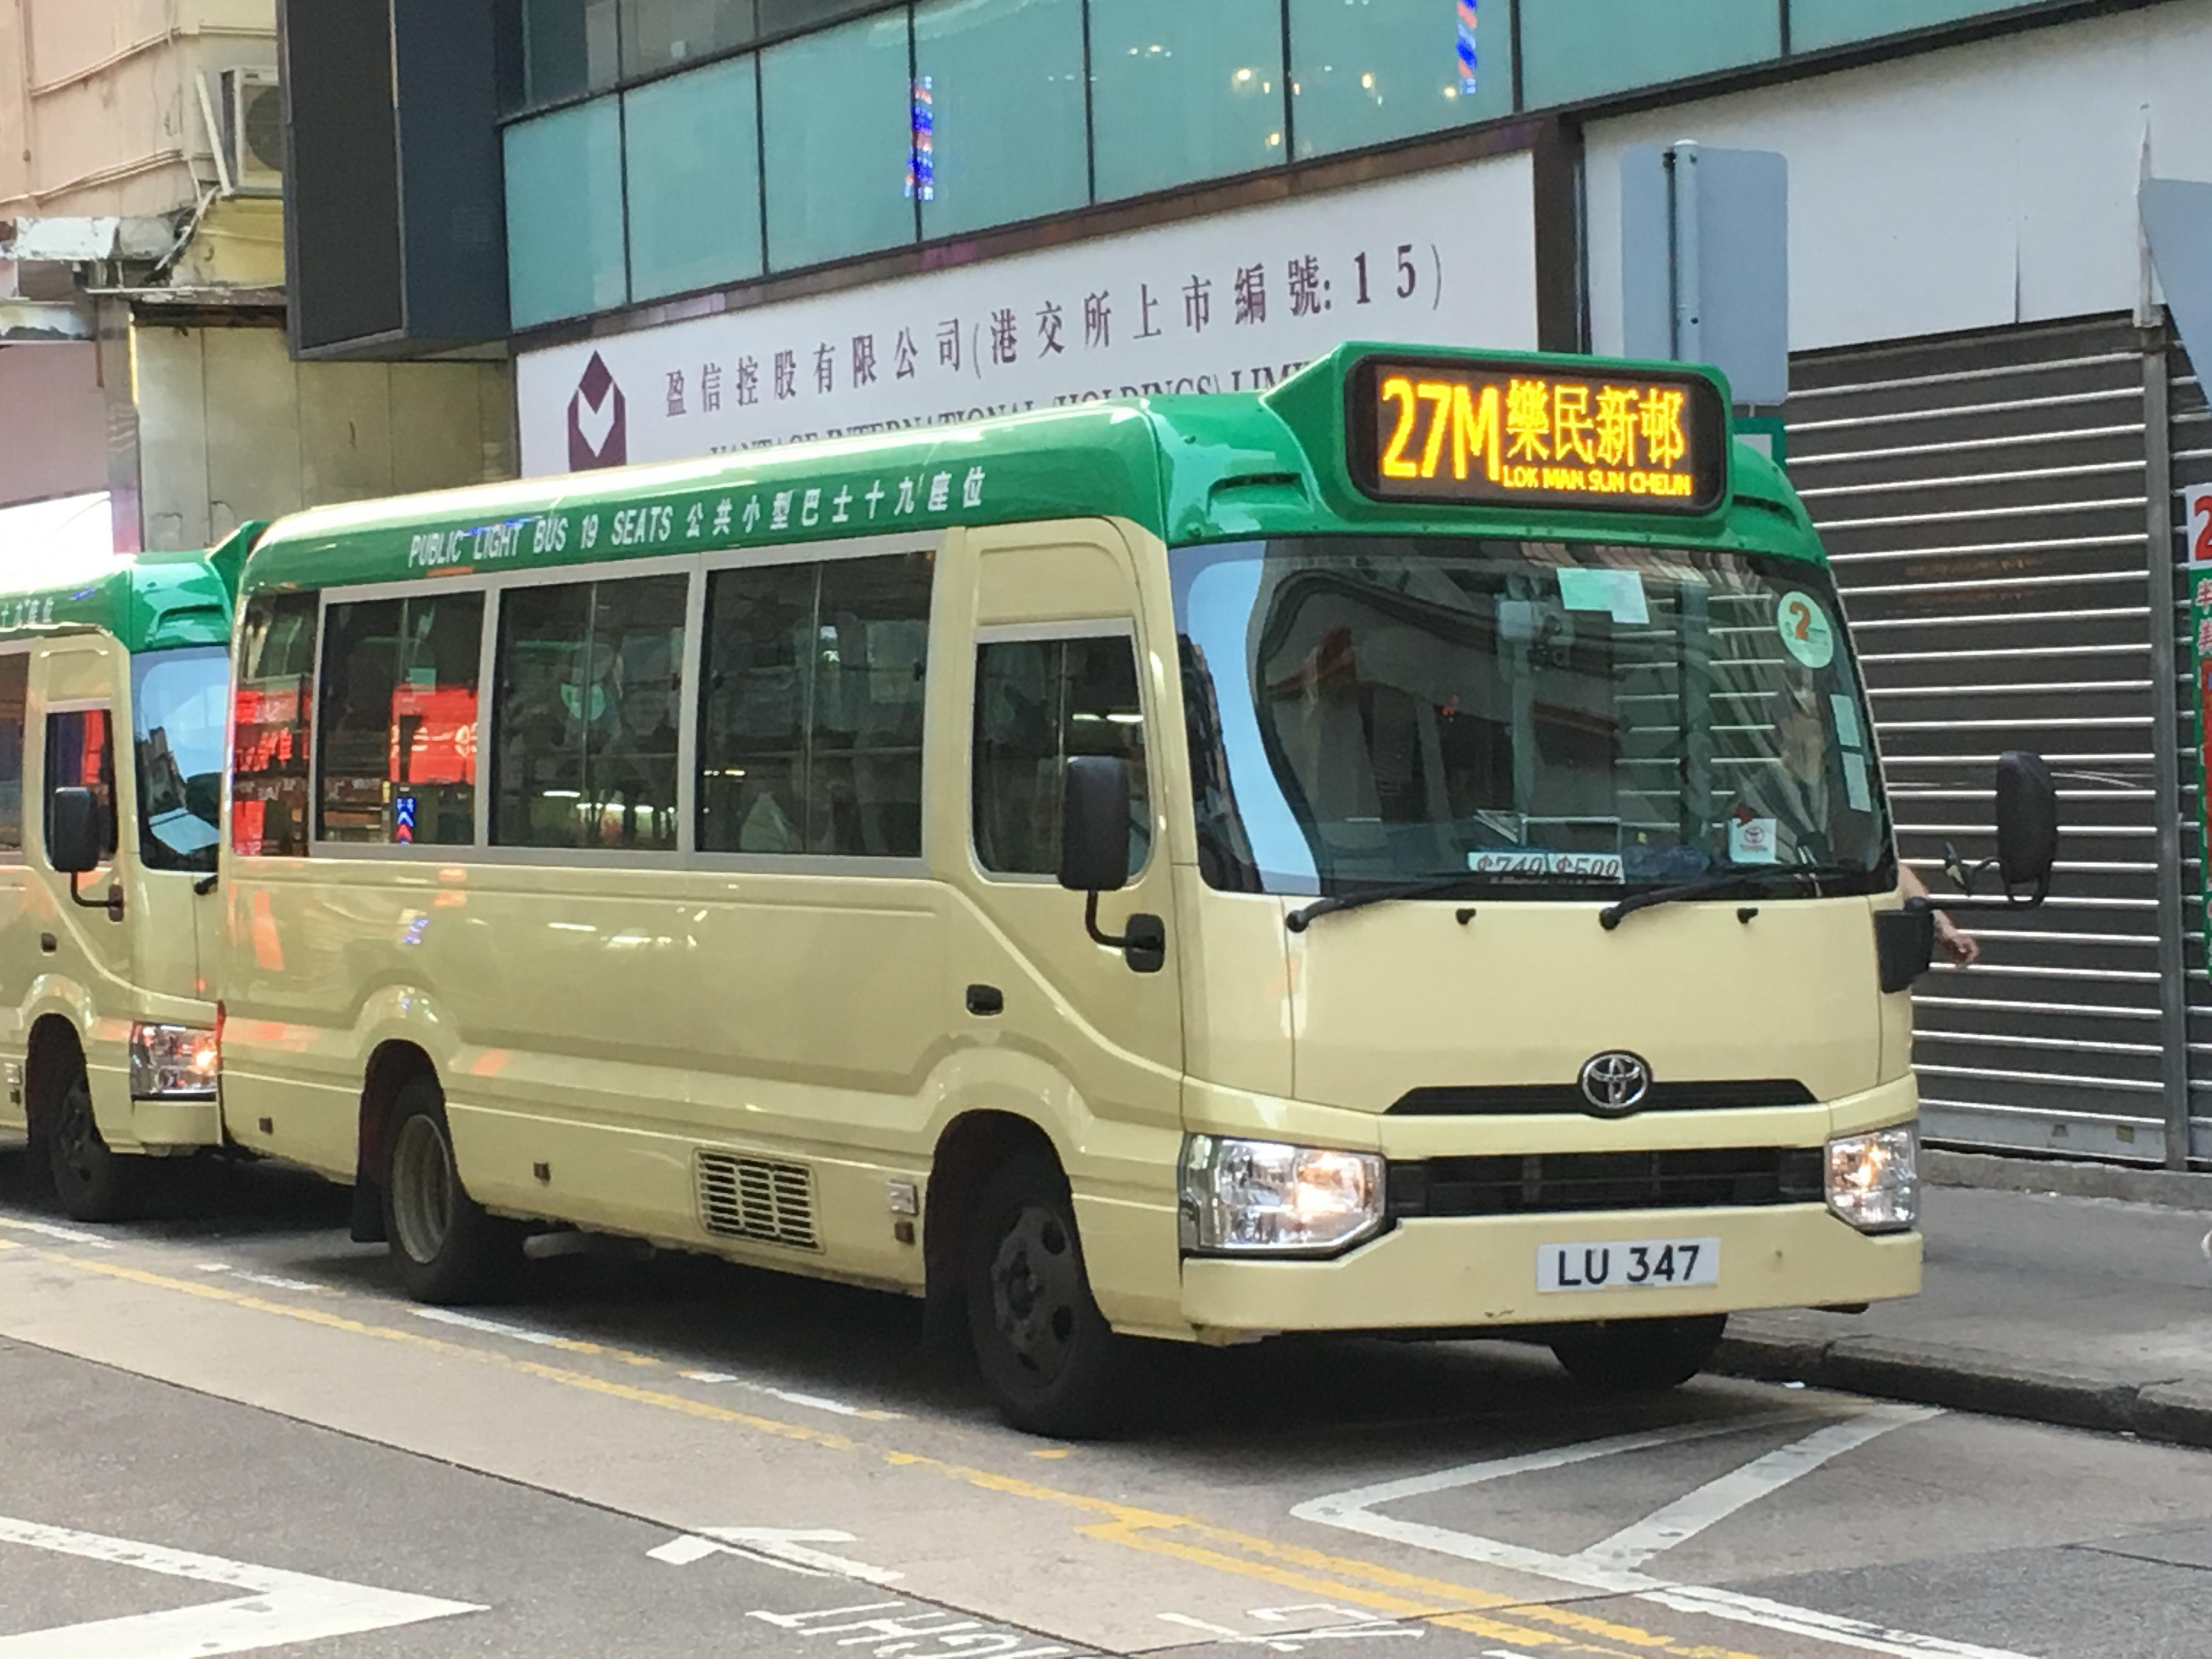 九龍專綫小巴27M線